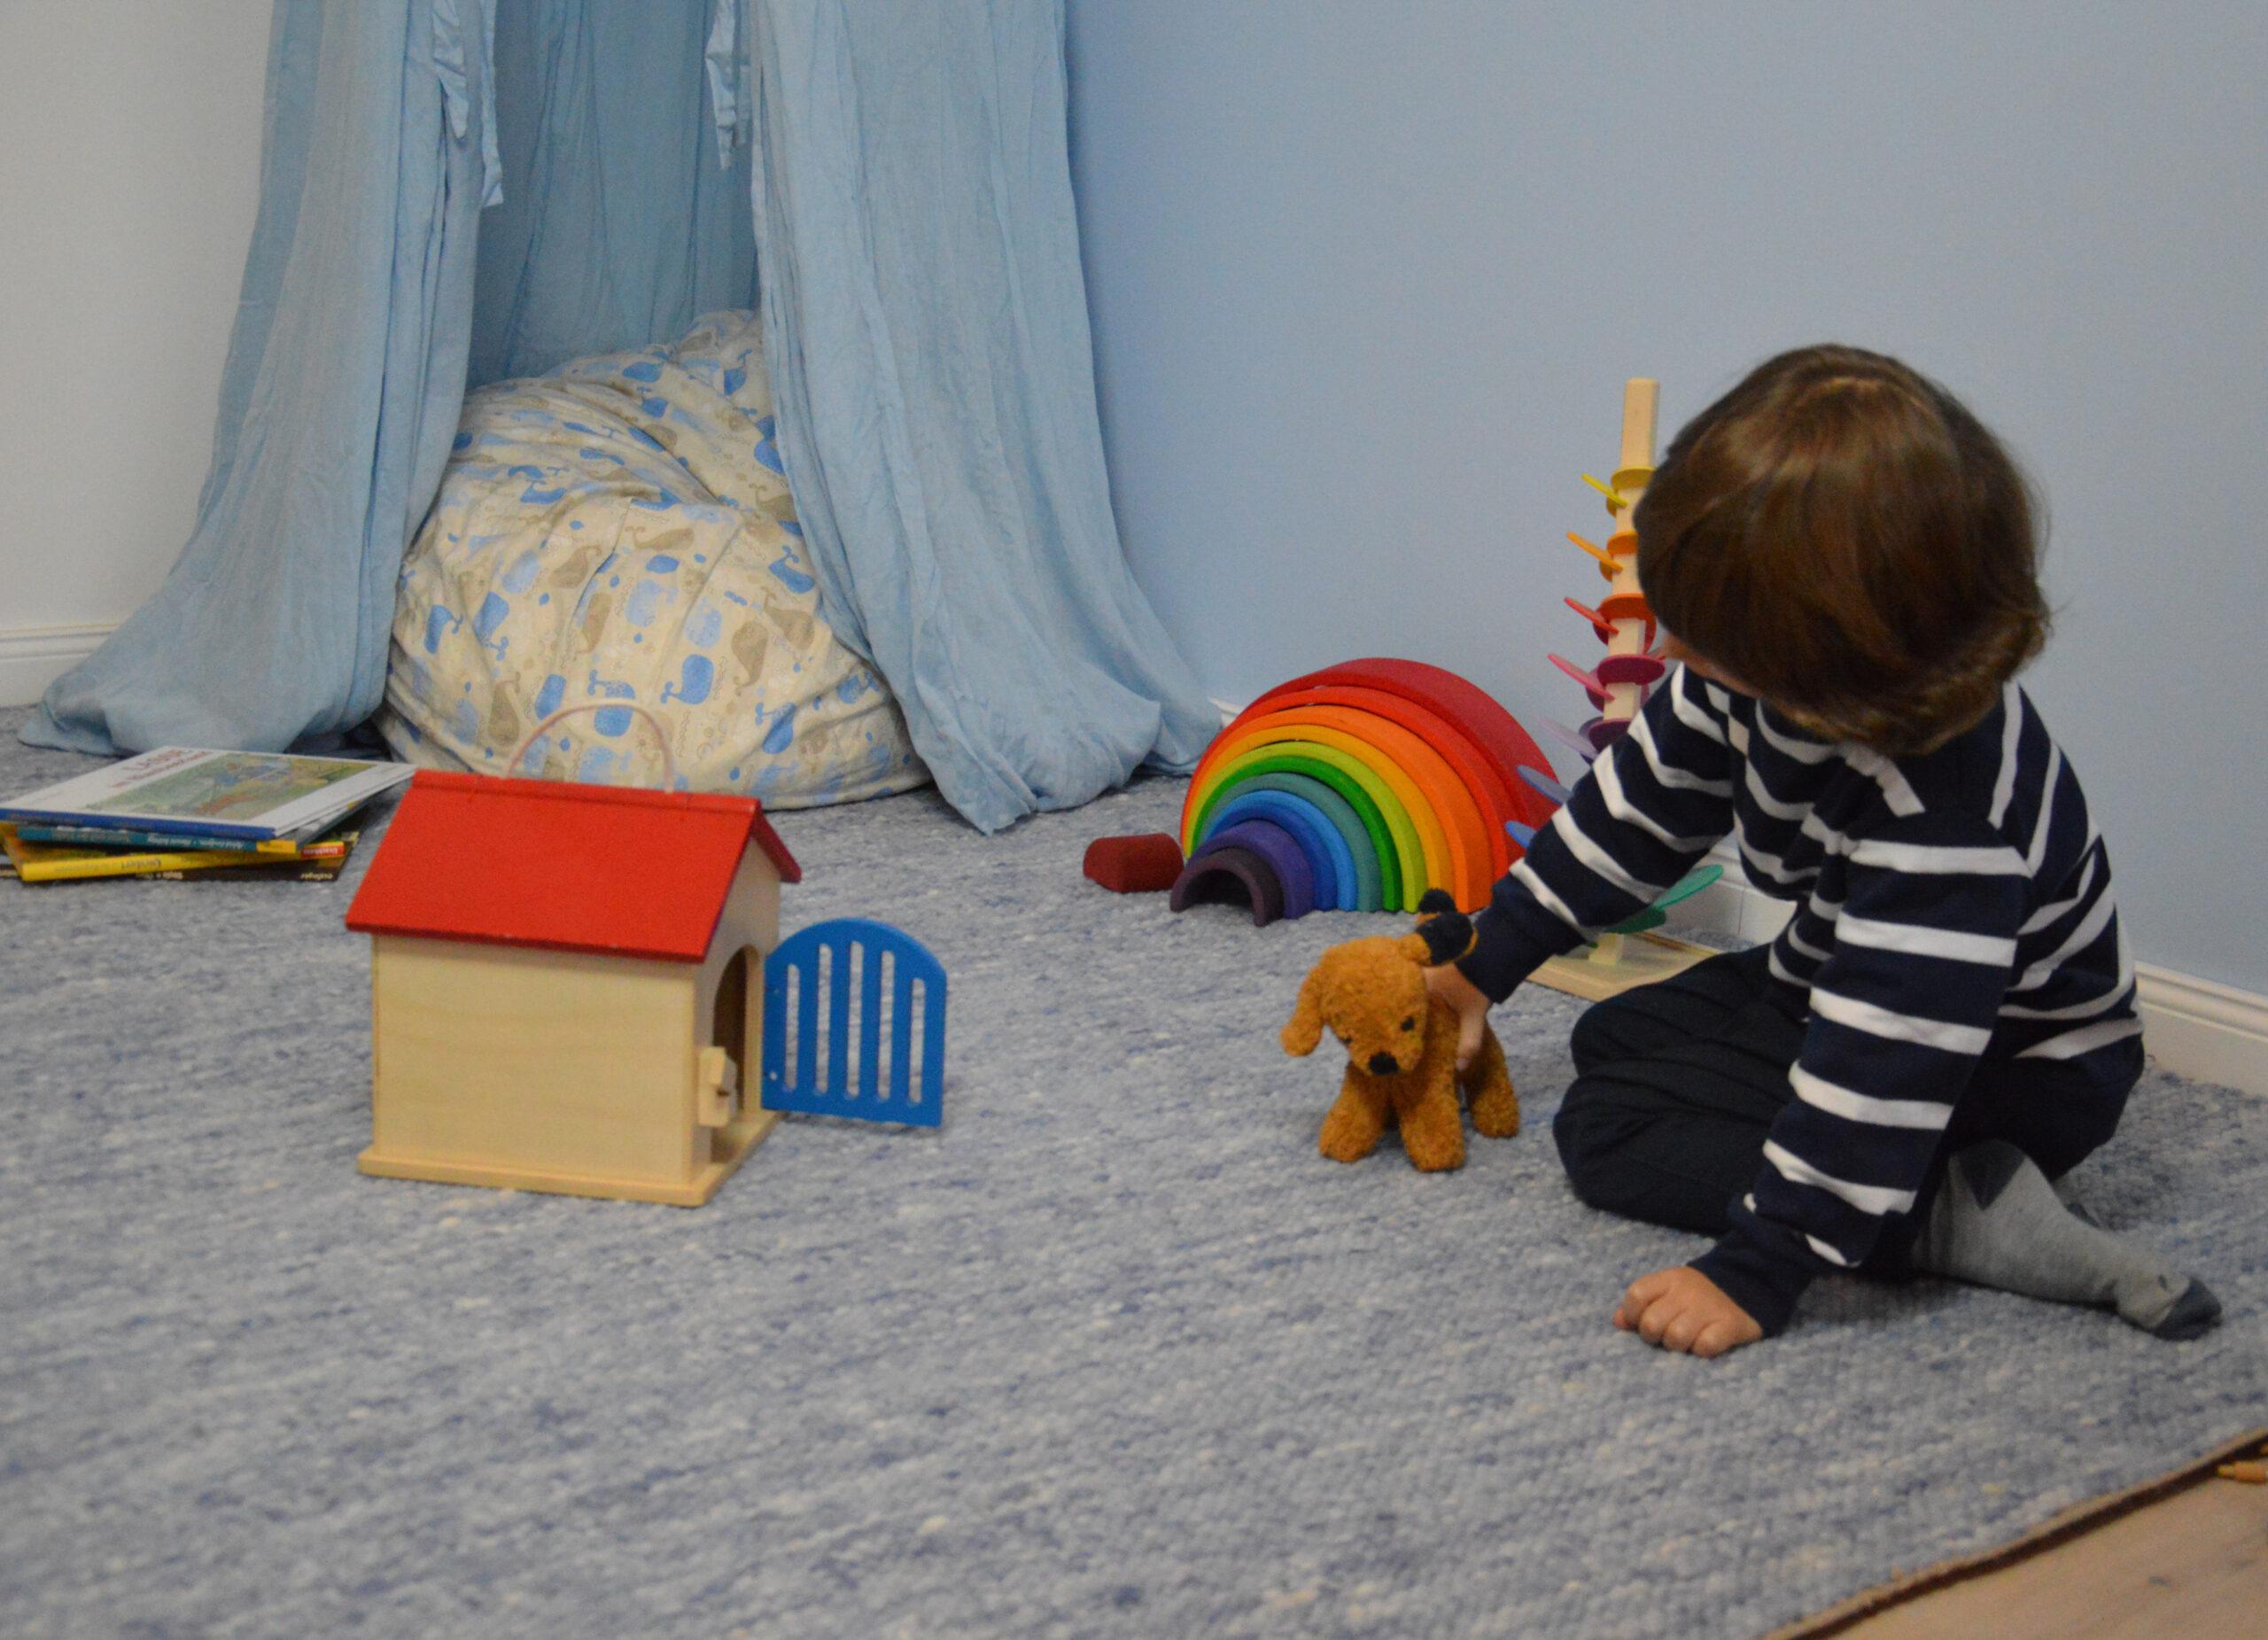 Full Size of Wohnzimmer Teppiche Regal Kinderzimmer Regale Sofa Weiß Kinderzimmer Kinderzimmer Teppiche